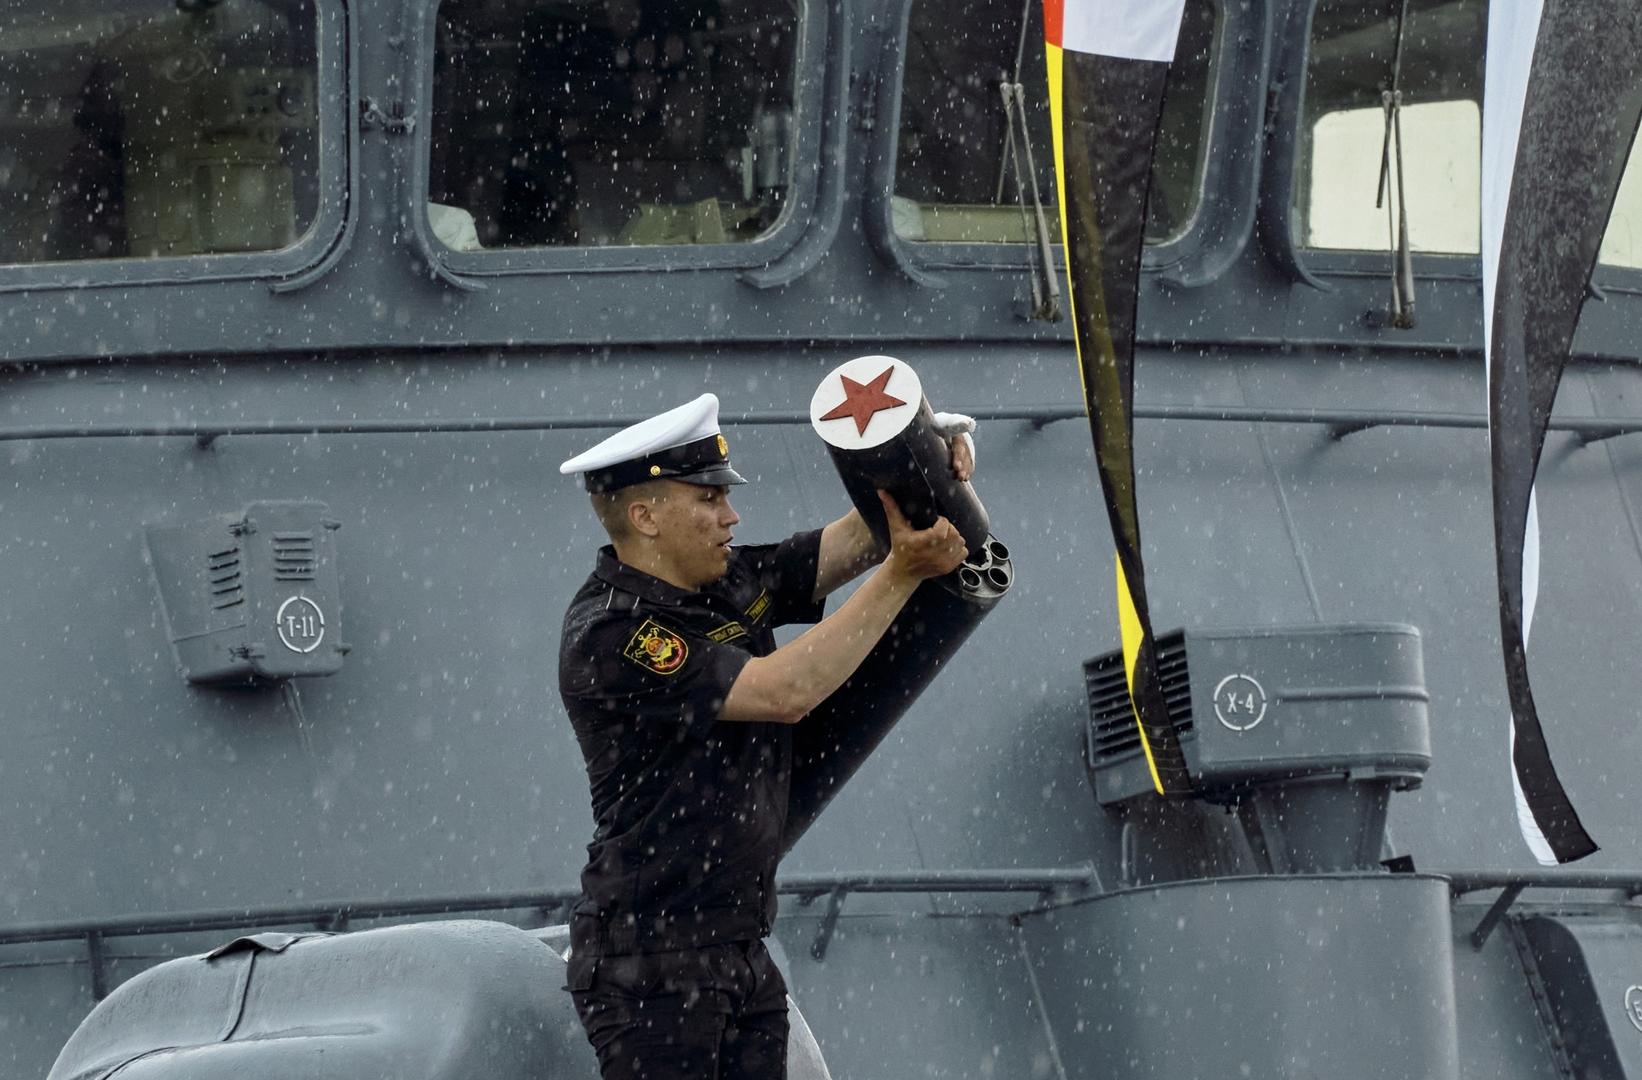 روسيا تجري مناورات في البحر المتوسط بالتزامن مع انطلاق مناورات الناتو في البحر الأسود